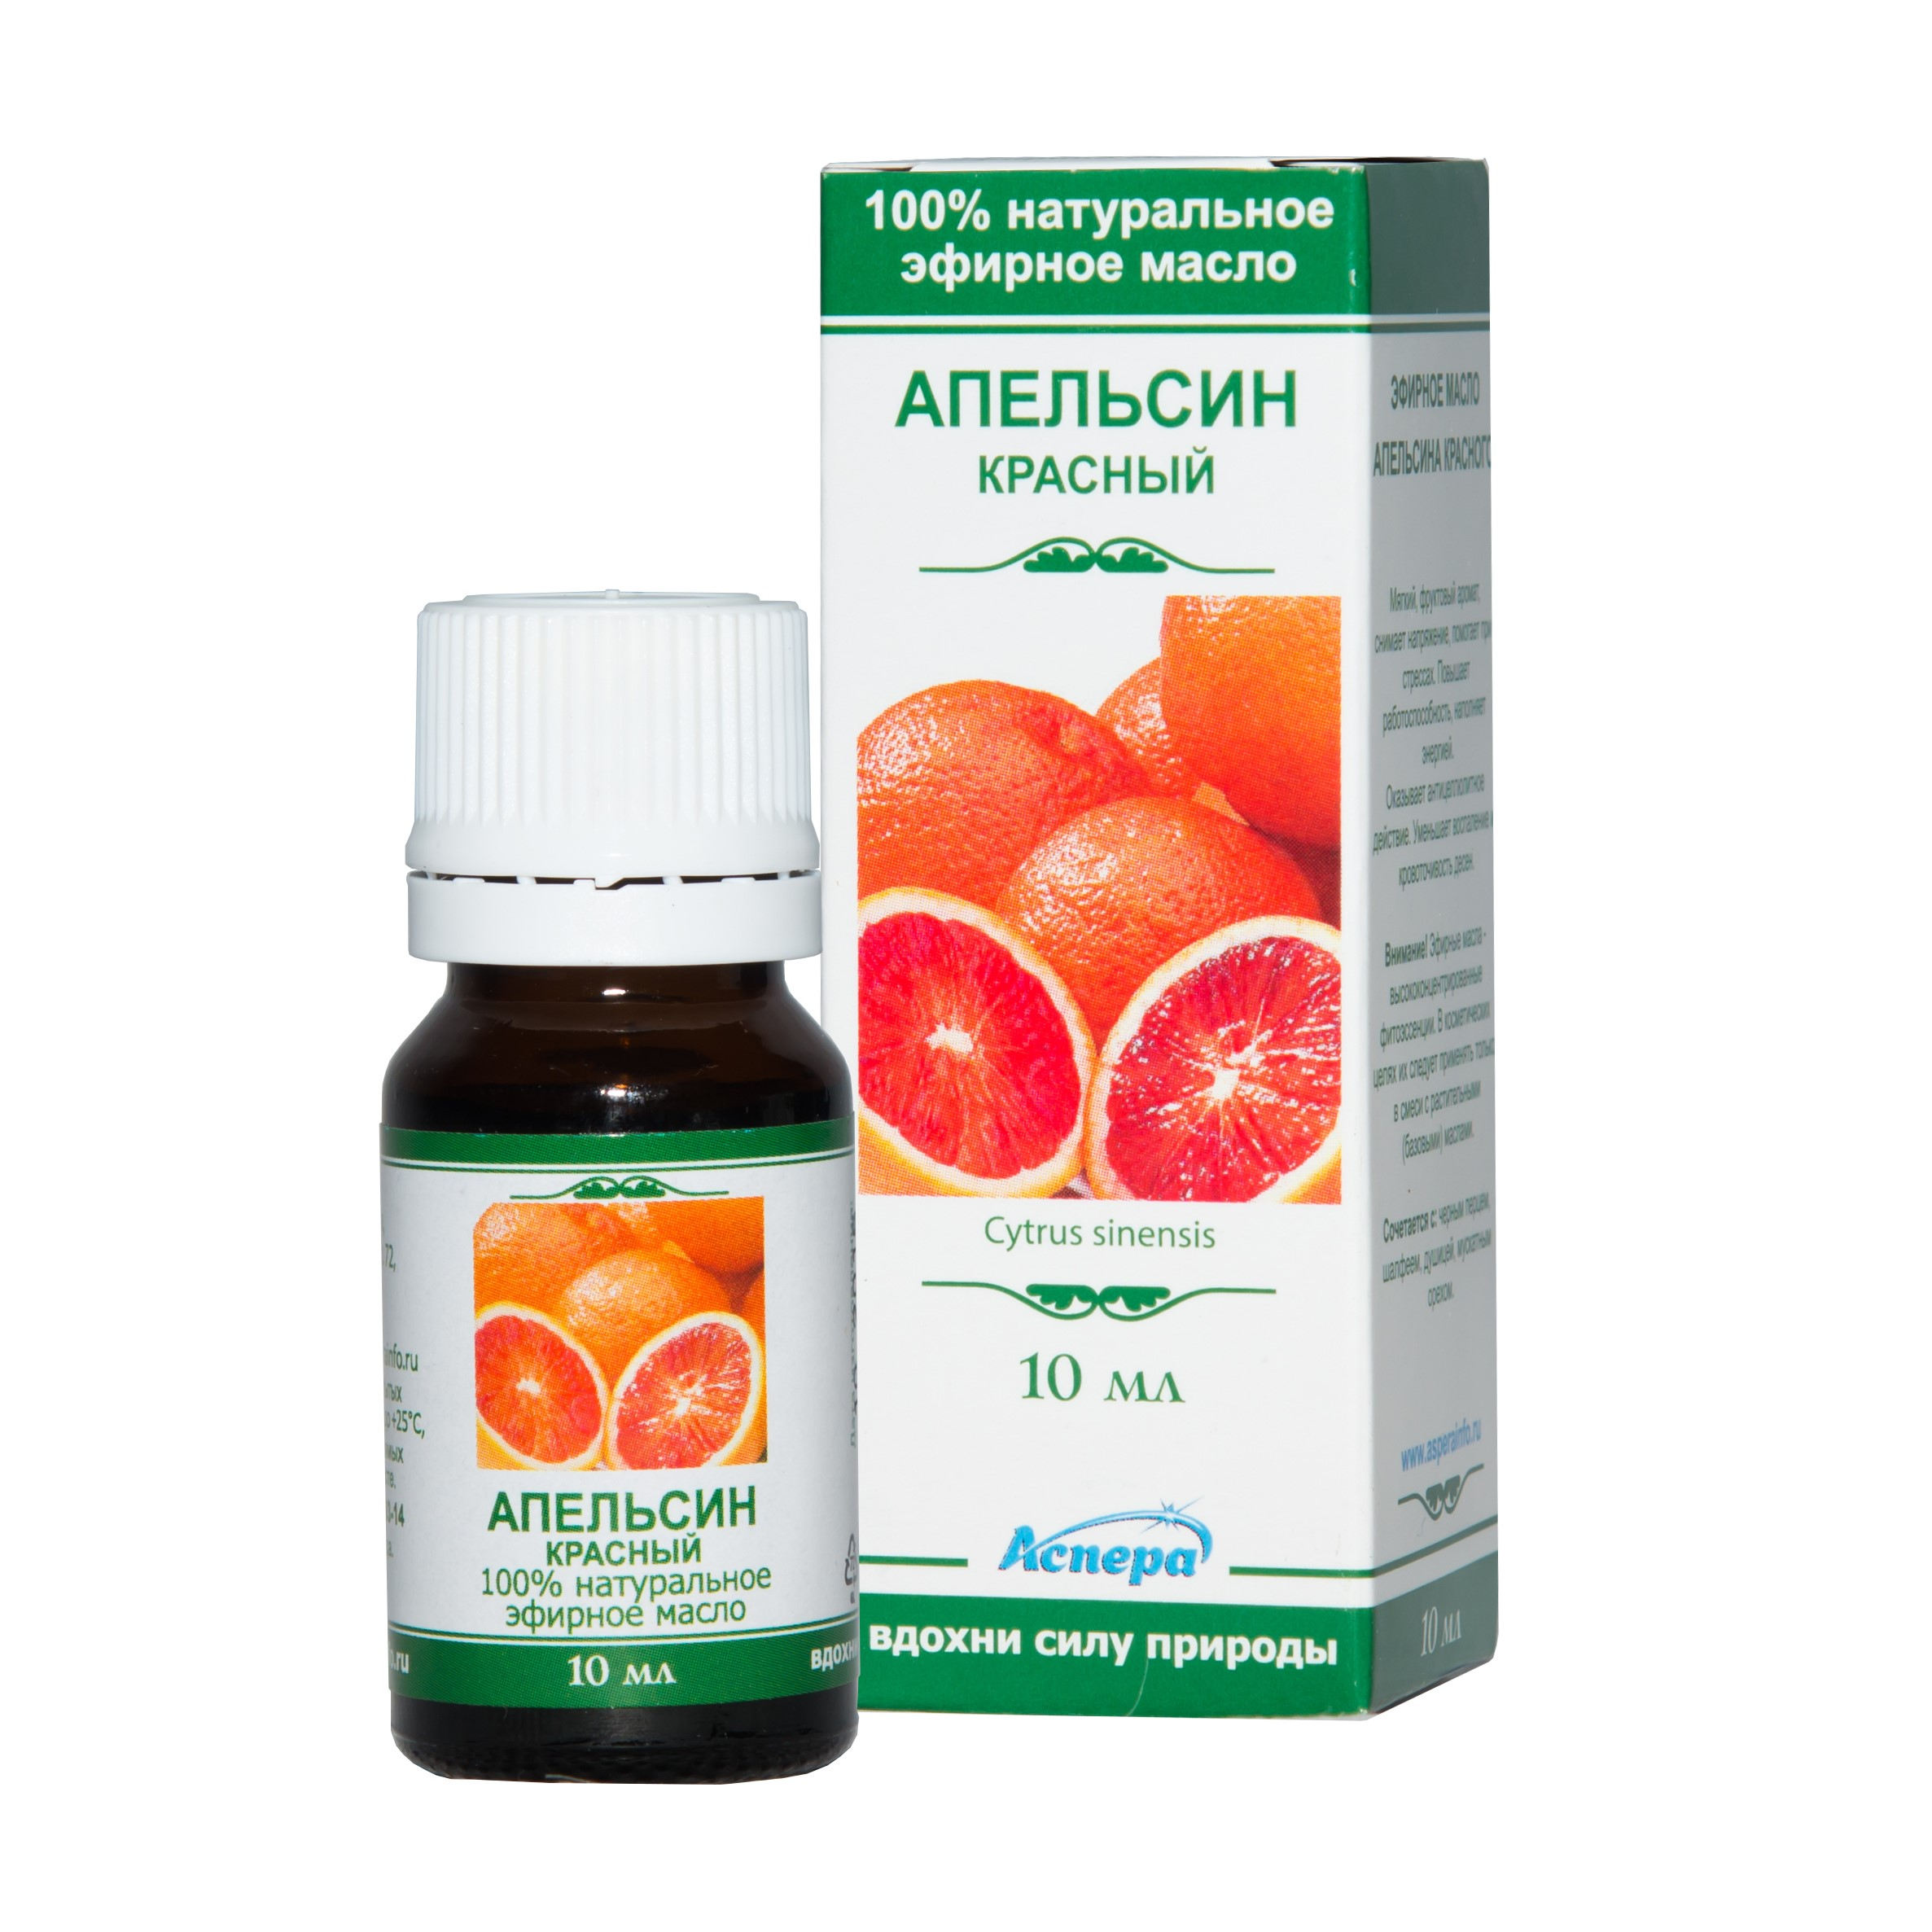 Аспера масло апельсина красного эфирное фл. 10мл